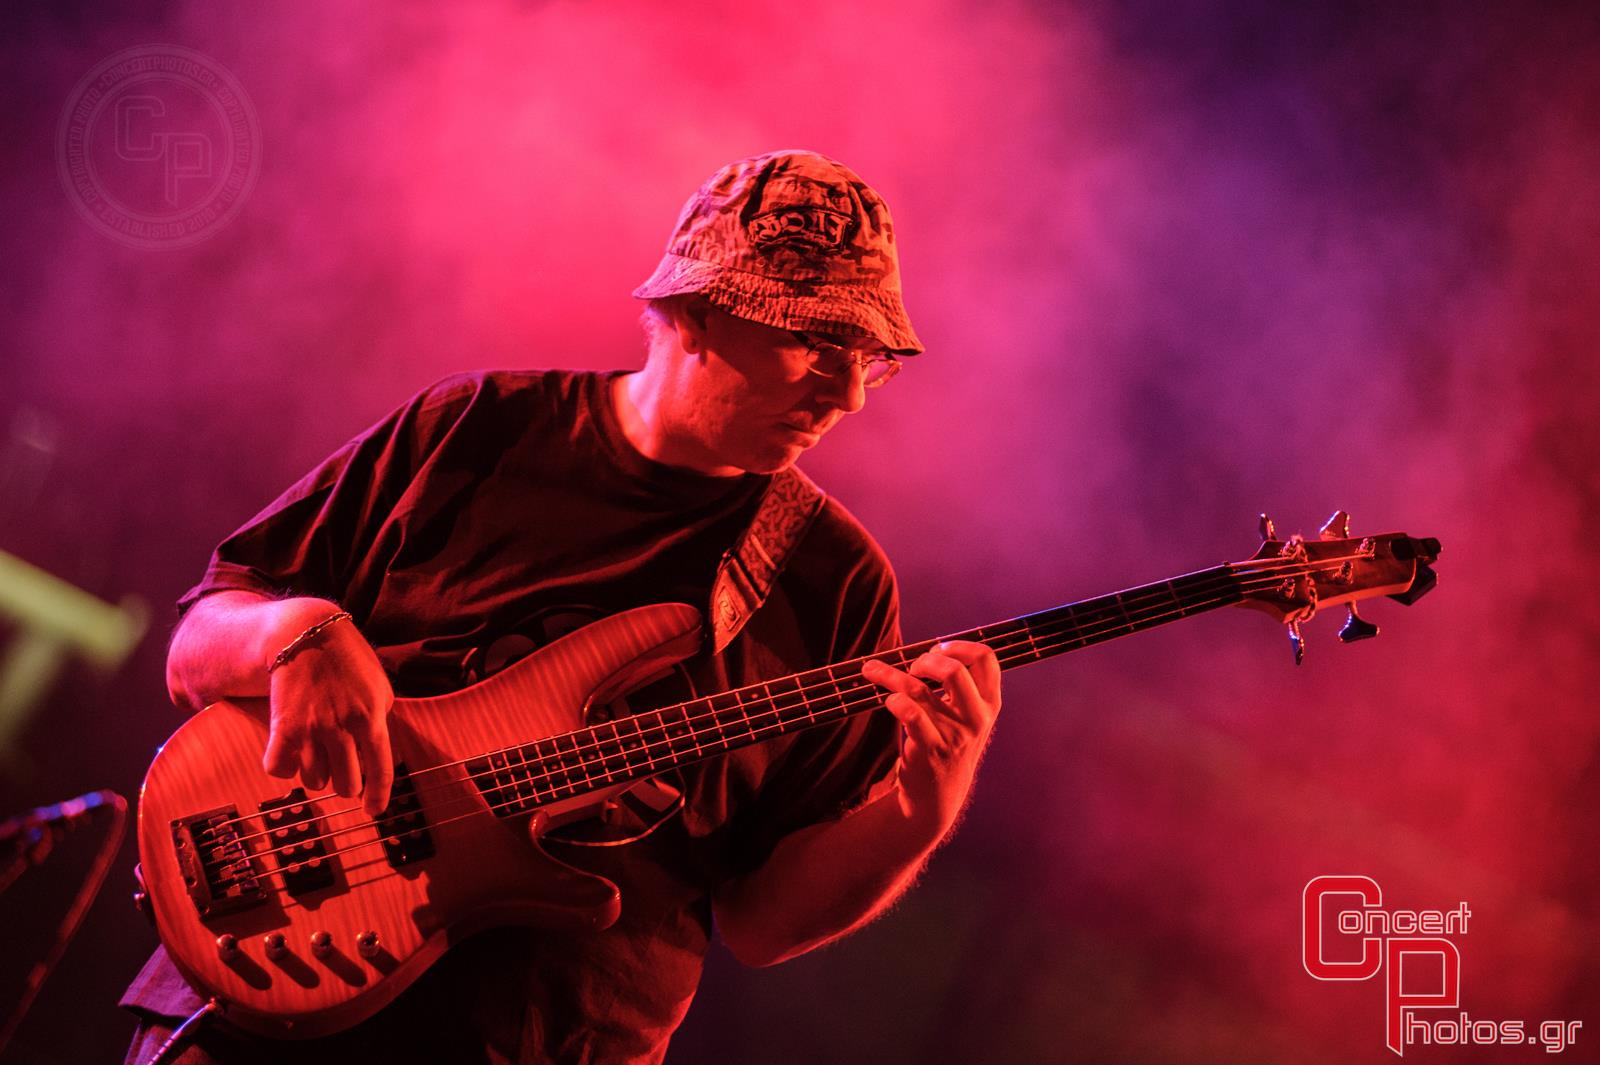 Μία συναυλία για τη Σχεδία 2014-Sxedia 2014 photographer:  - concertphotos_20140526_23_29_38